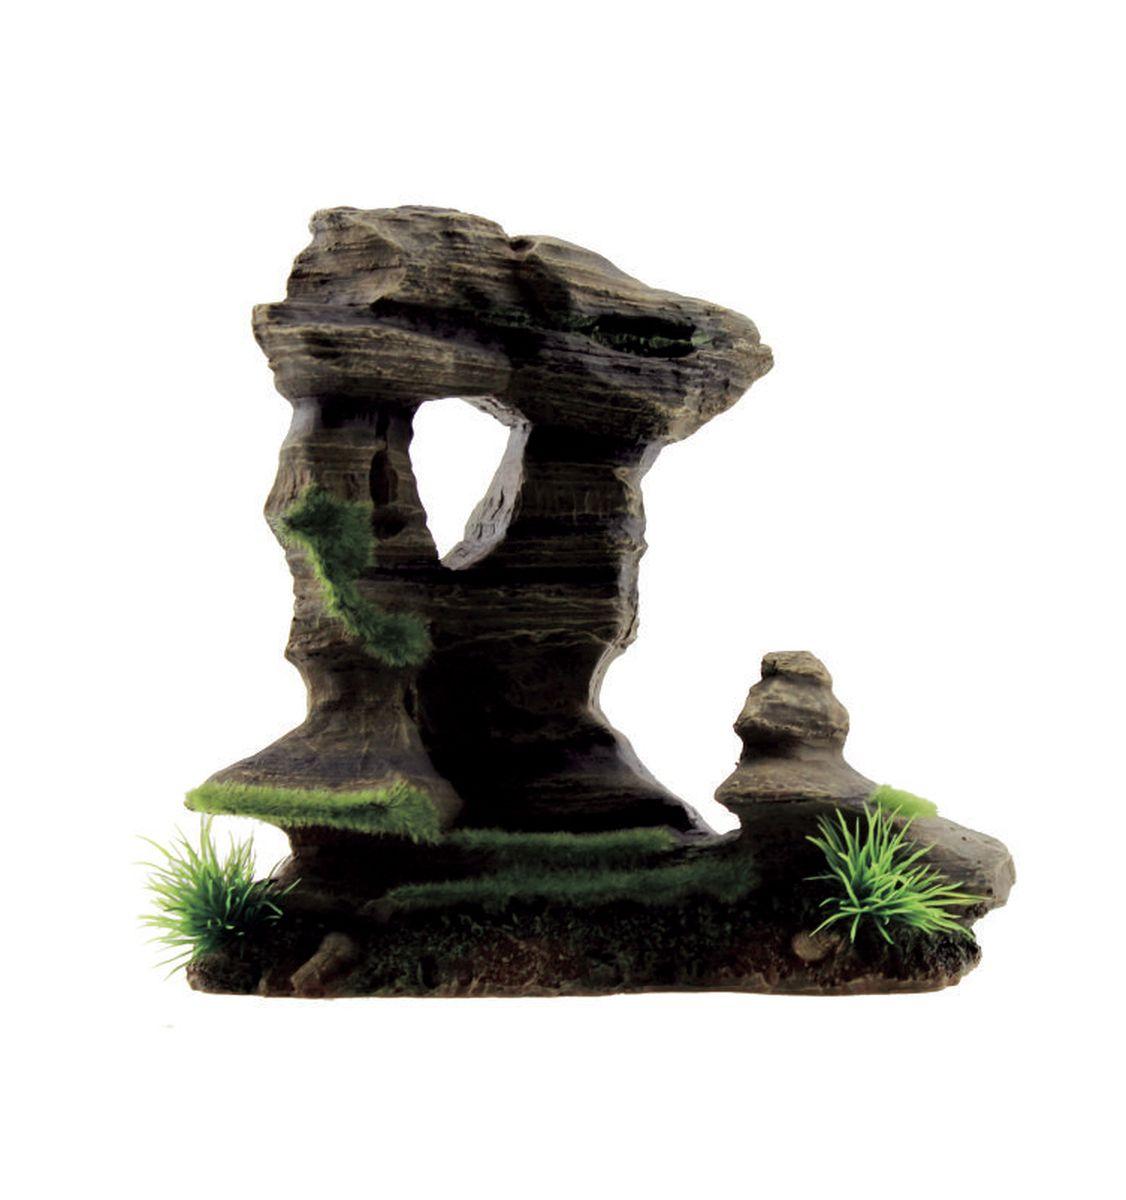 Декорация для аквариума ArtUniq Фигурная скала со мхом, 20 x 11,5 x 19,5 смART-3115030Декорация для аквариума ArtUniq Фигурная скала со мхом, 20 x 11,5 x 19,5 см